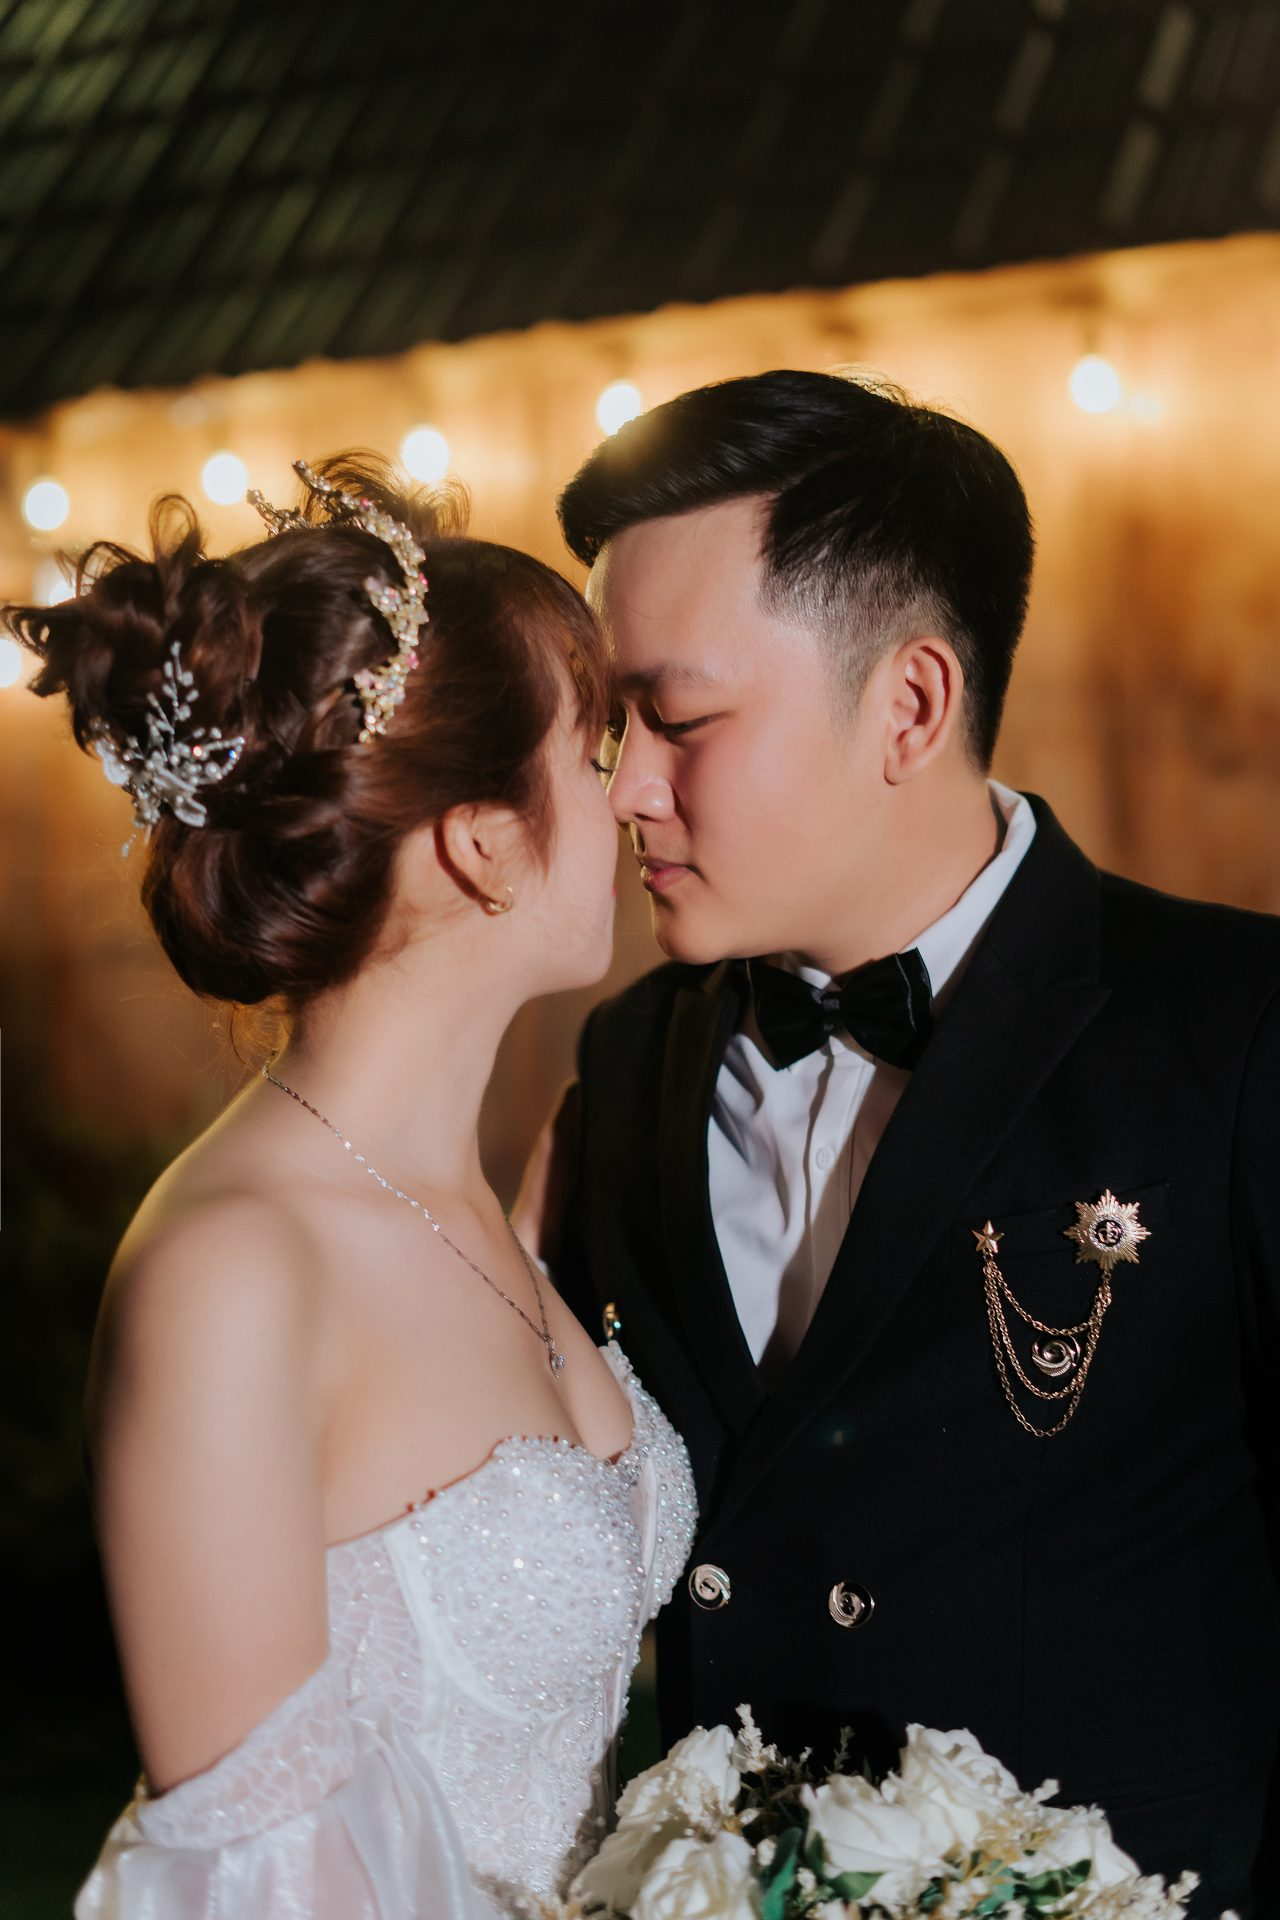 đồ đôi chụp ảnh cưới